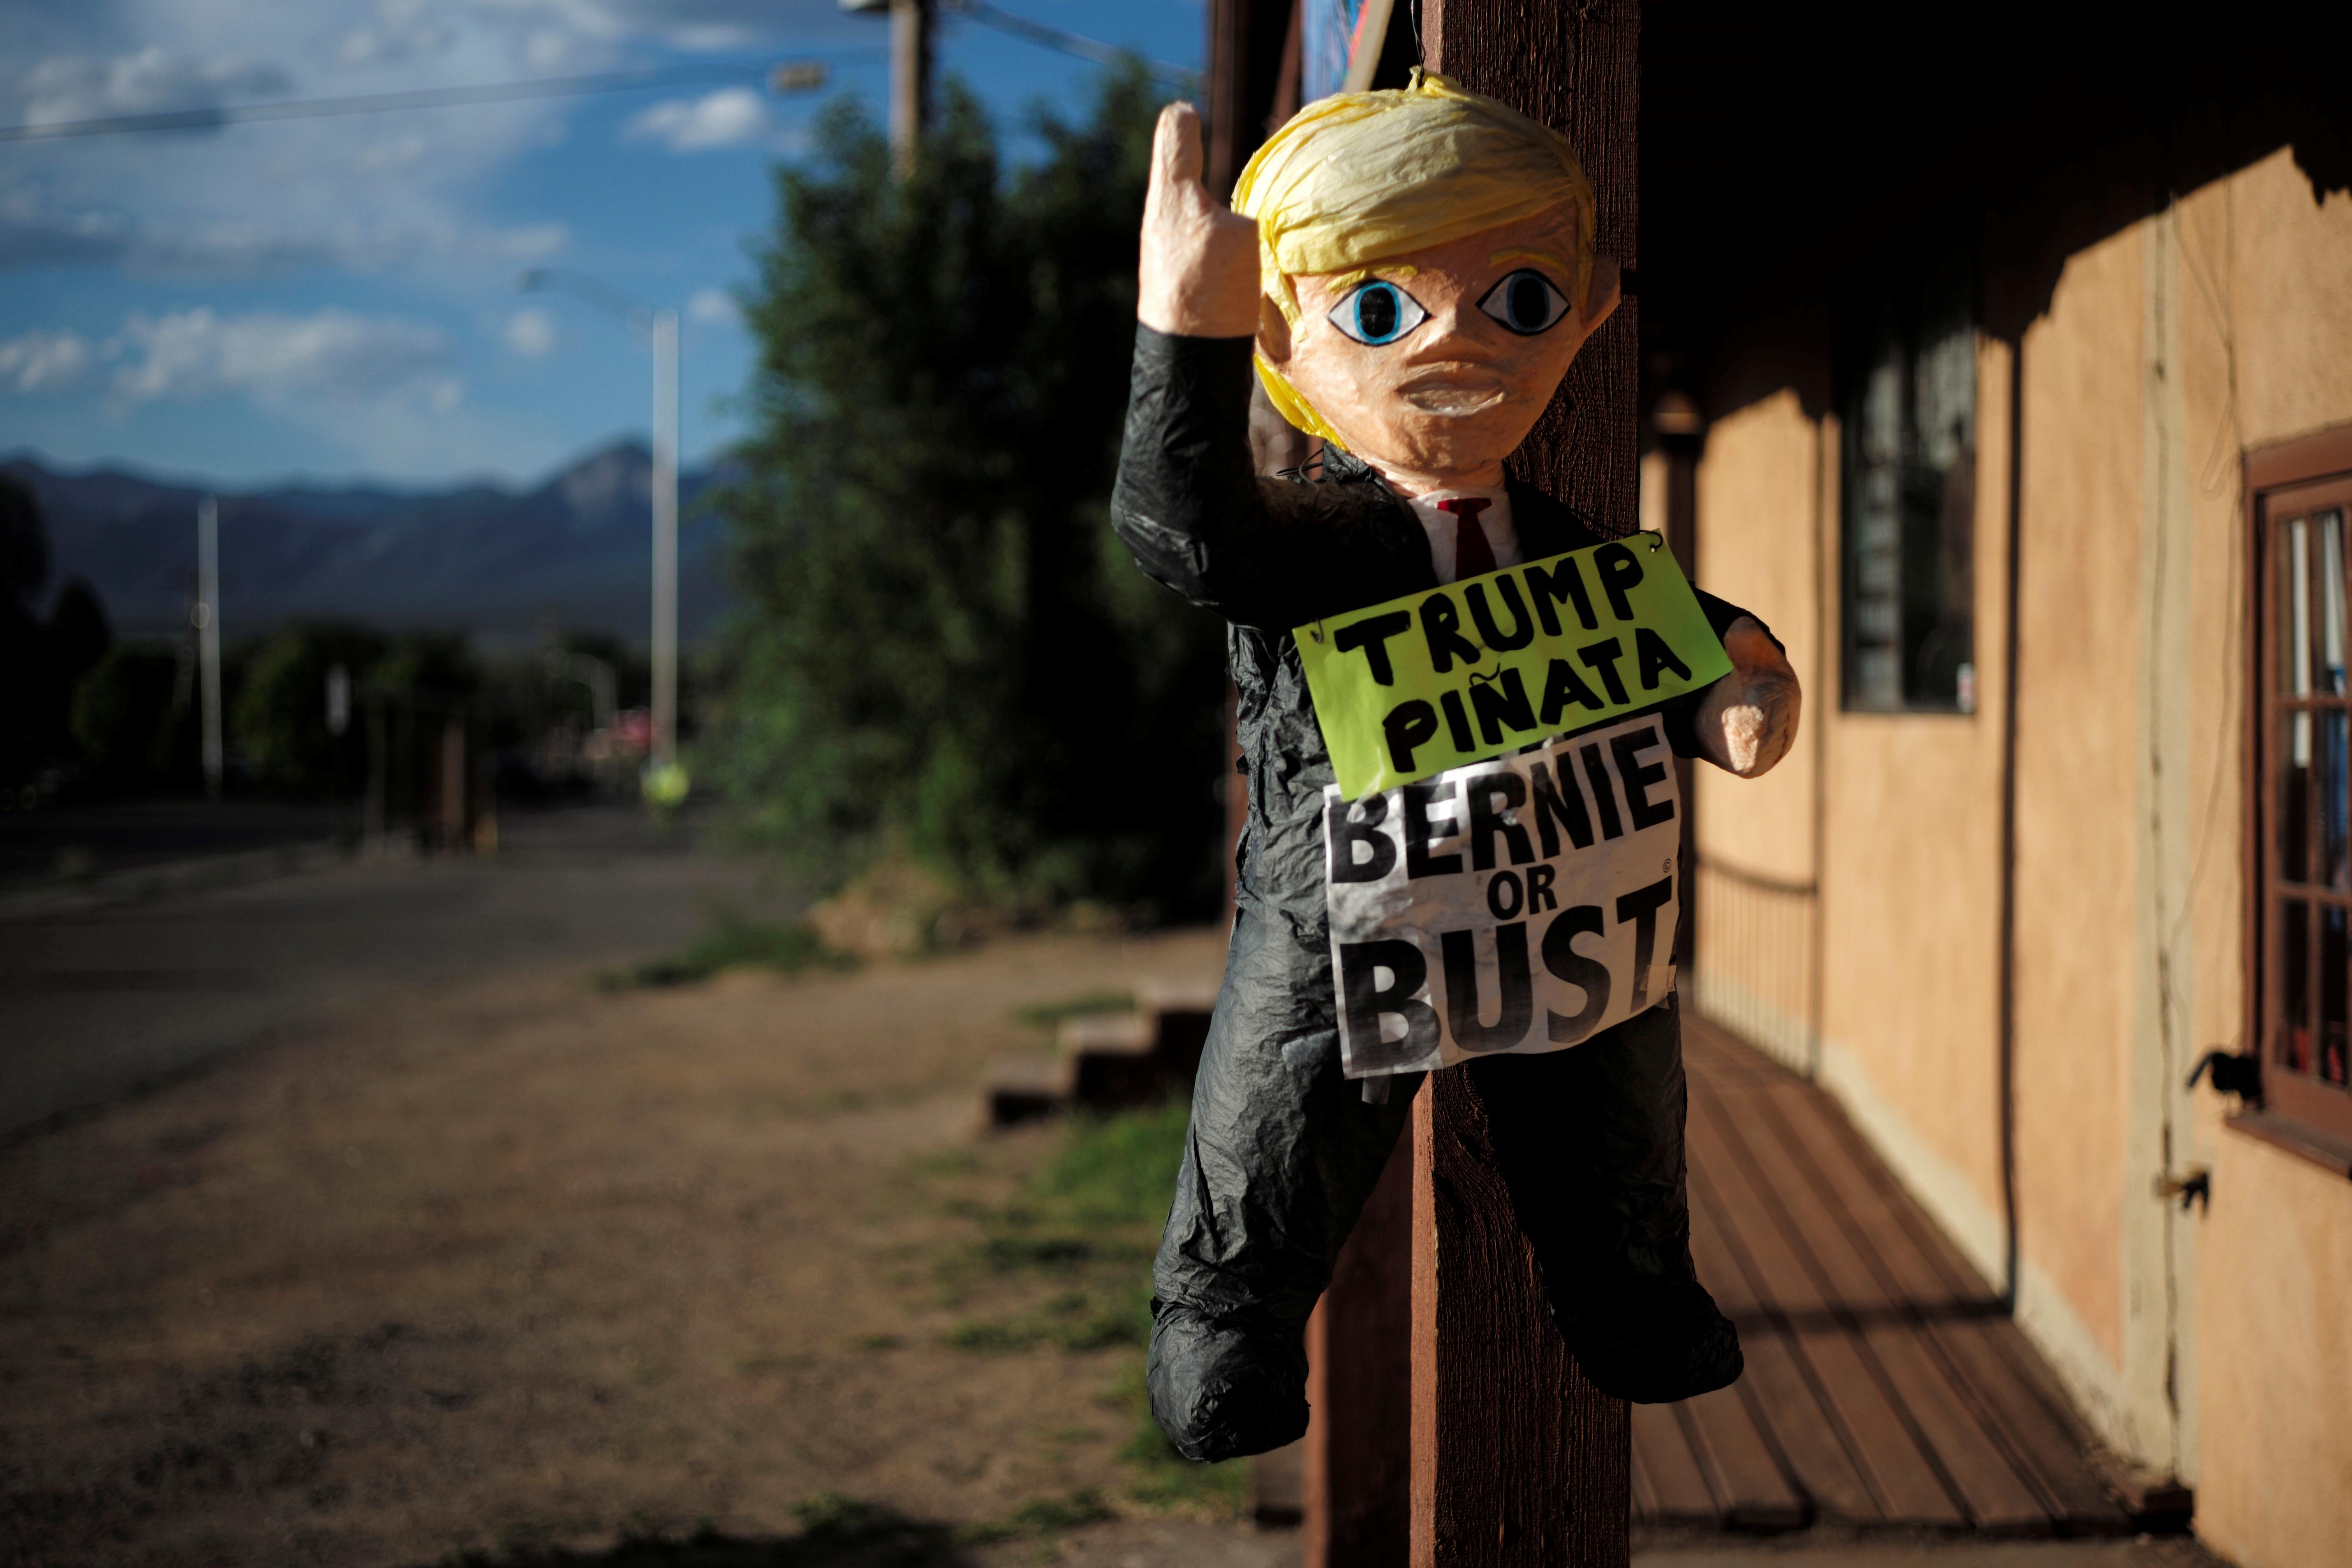 TAOS; NEW MEXICO: Denne pinata-versjonen av presidentkandidat Donald Trump er å finne utenfor kampanjekontoret til Bernie Sanders i Taos i New Mexico. FOTO: Brian Snyder / NTB scanpix